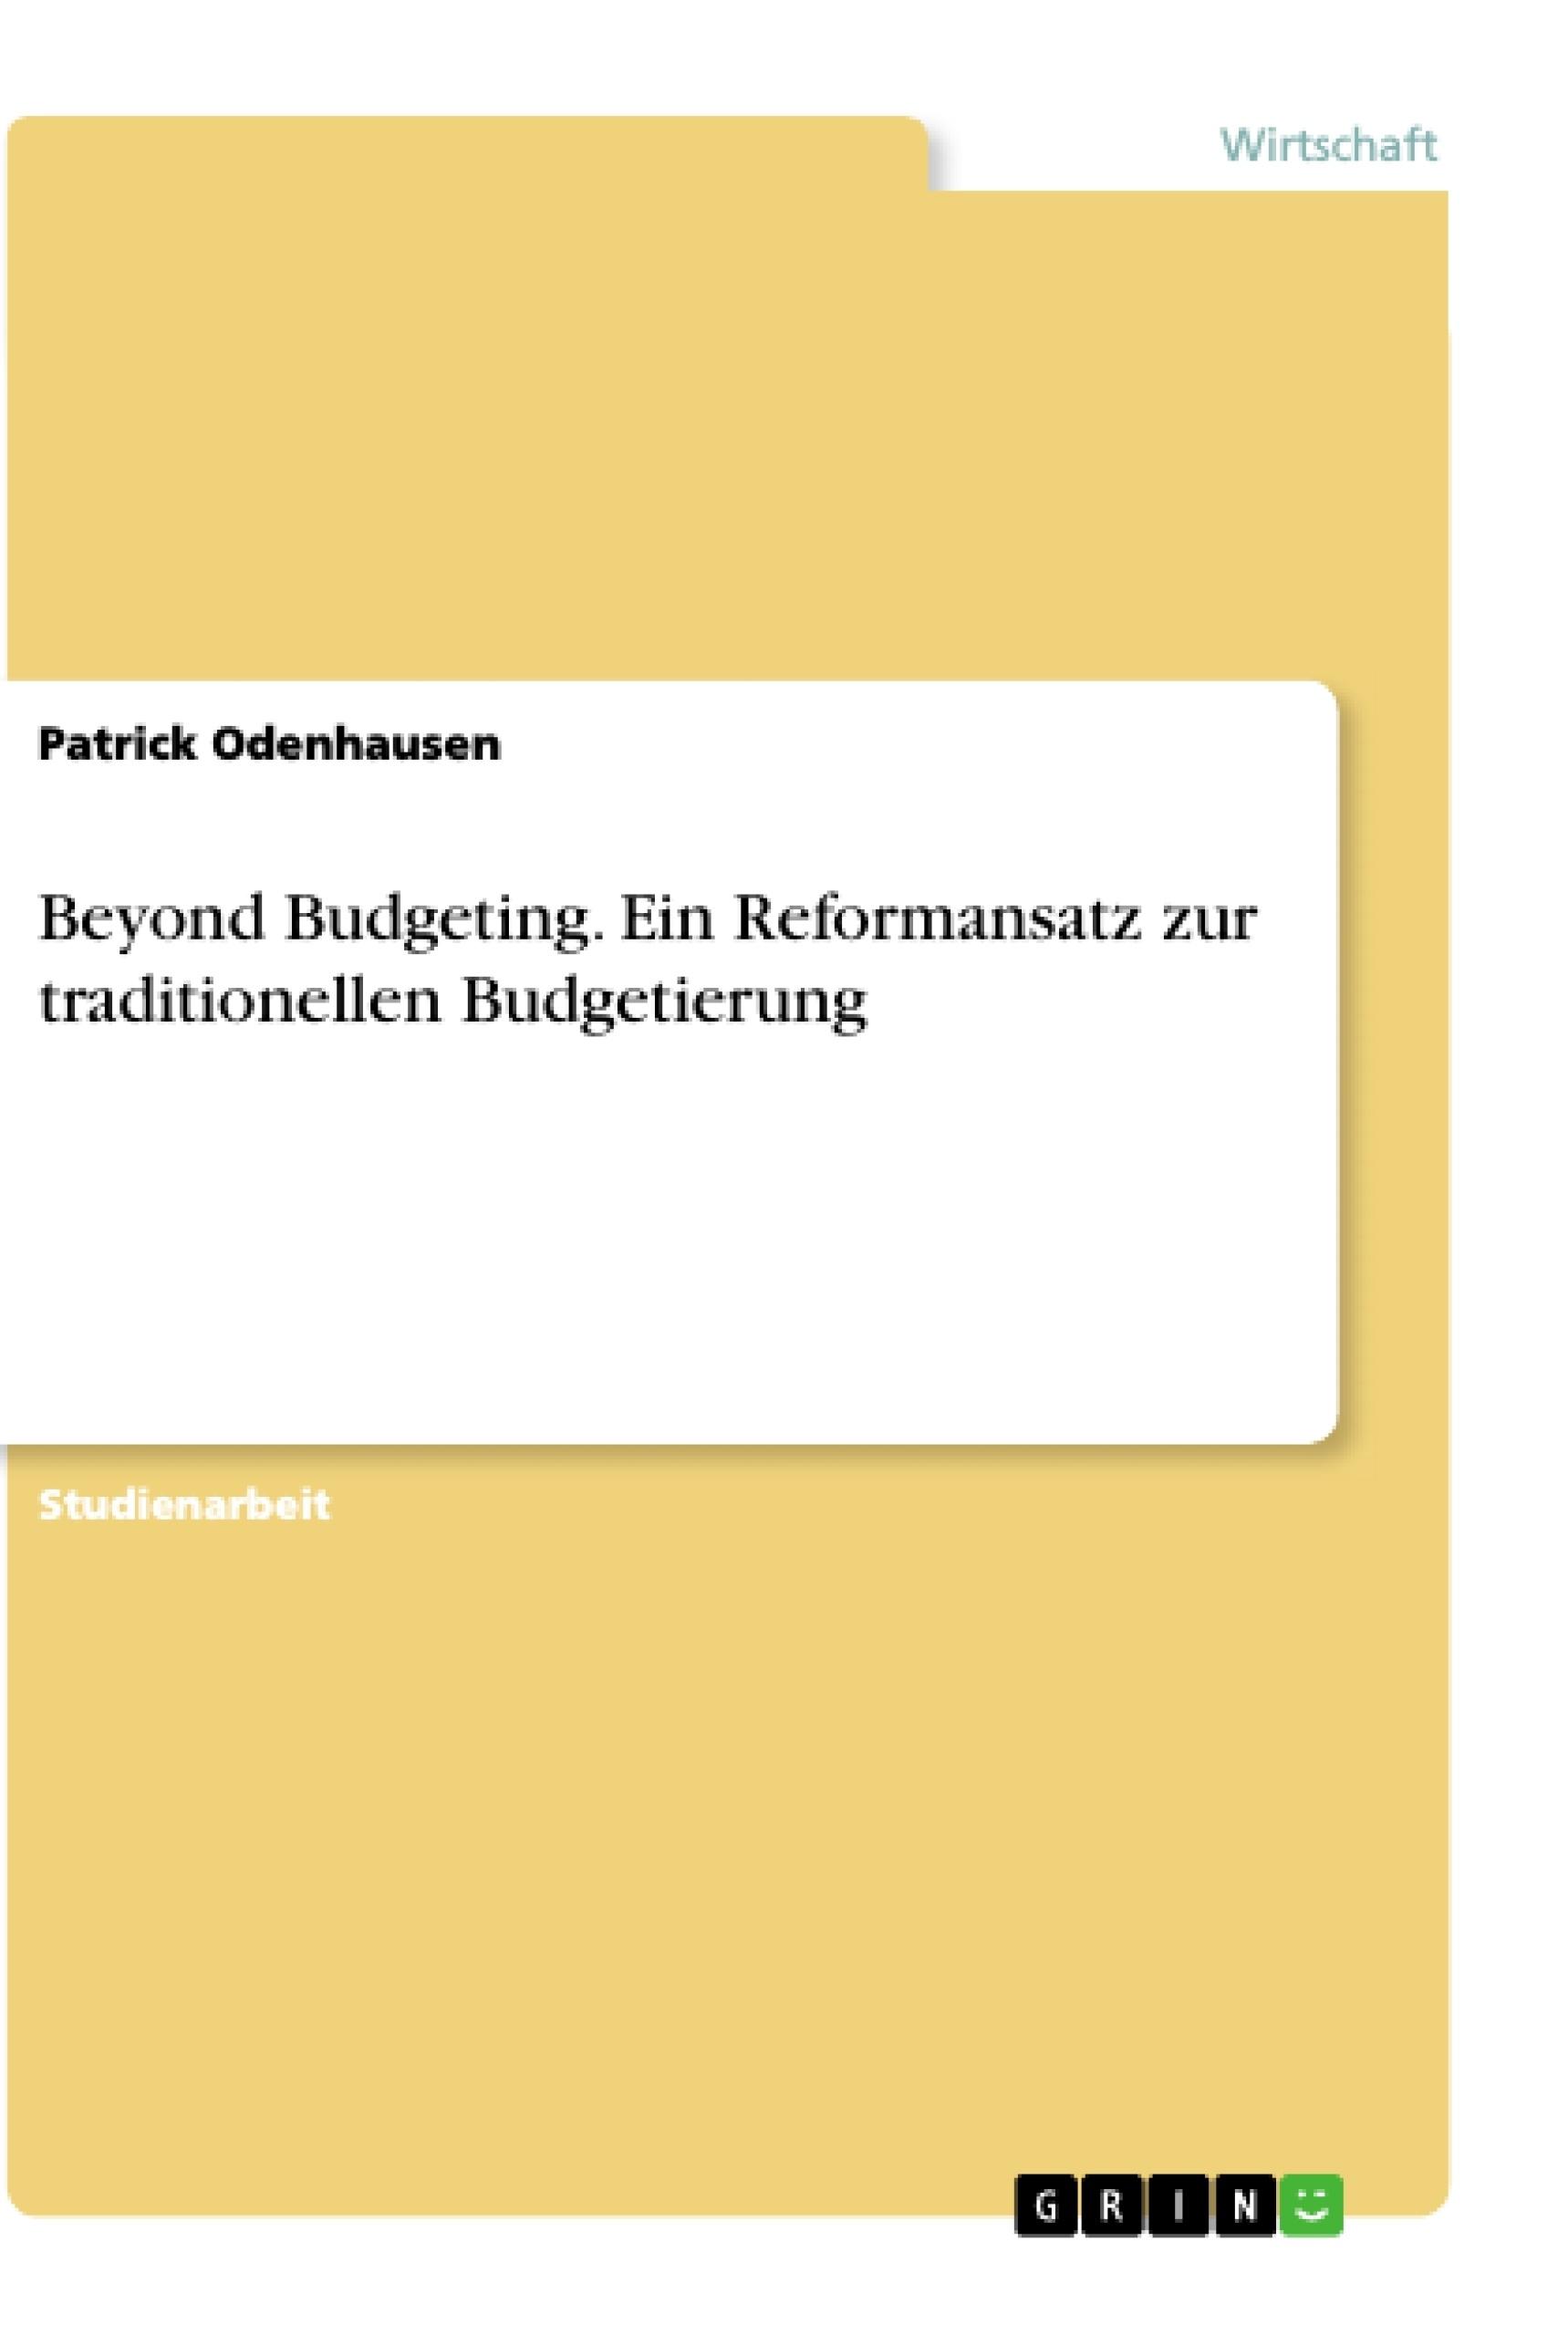 Titel: Beyond Budgeting. Ein Reformansatz zur traditionellen Budgetierung